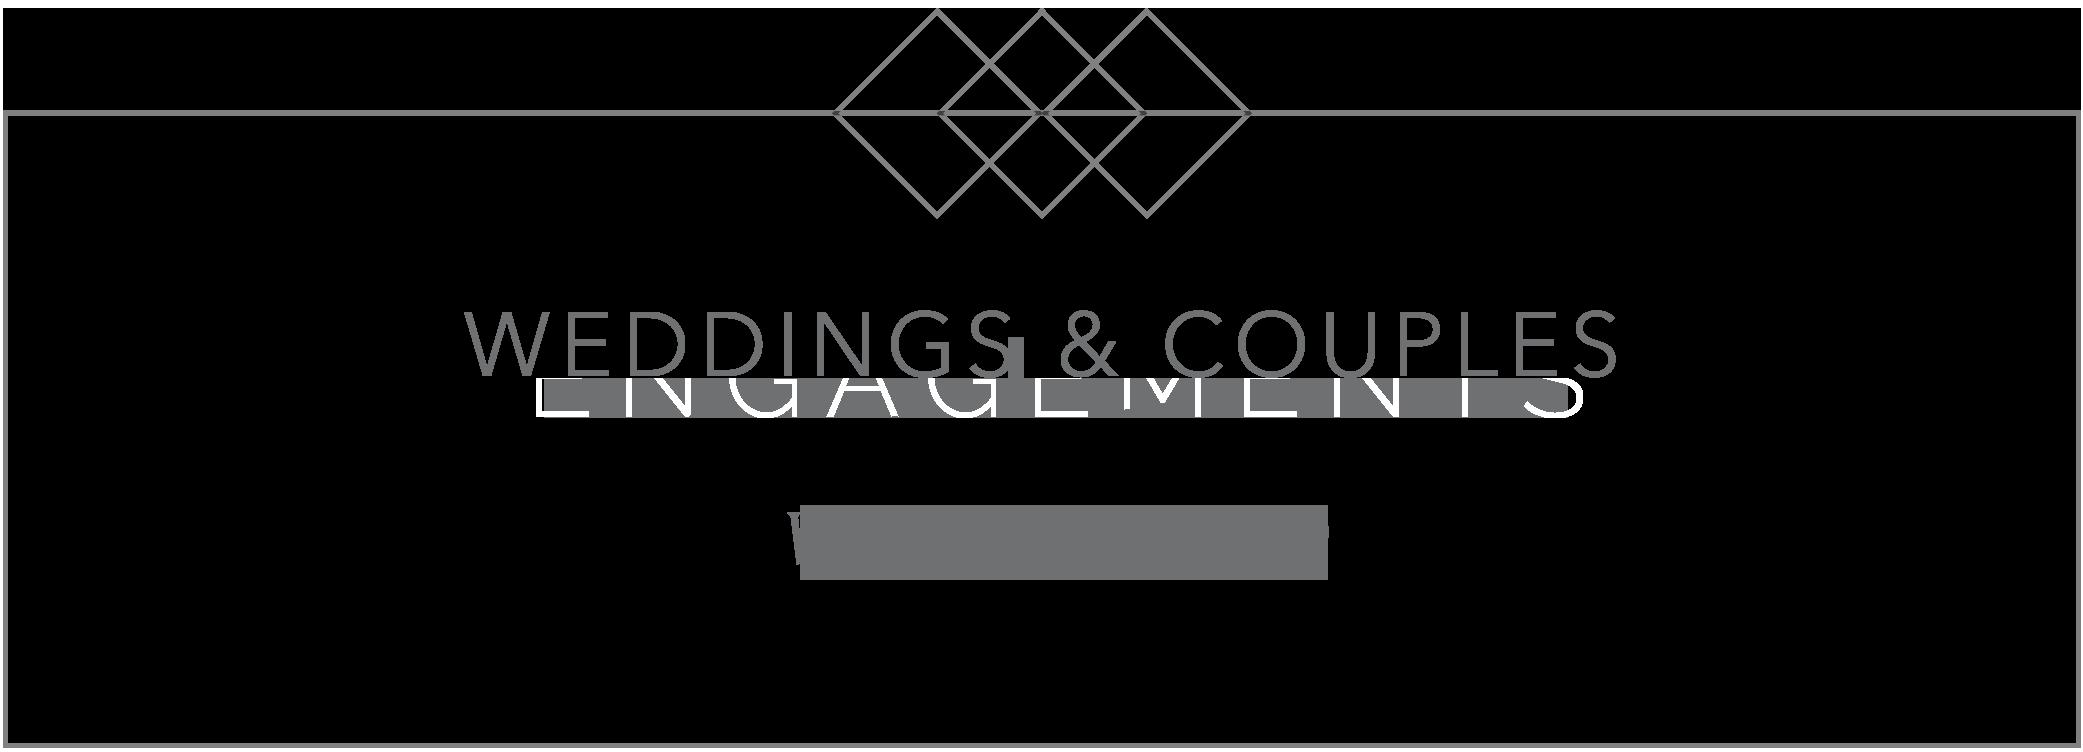 weddingsandcouples.png